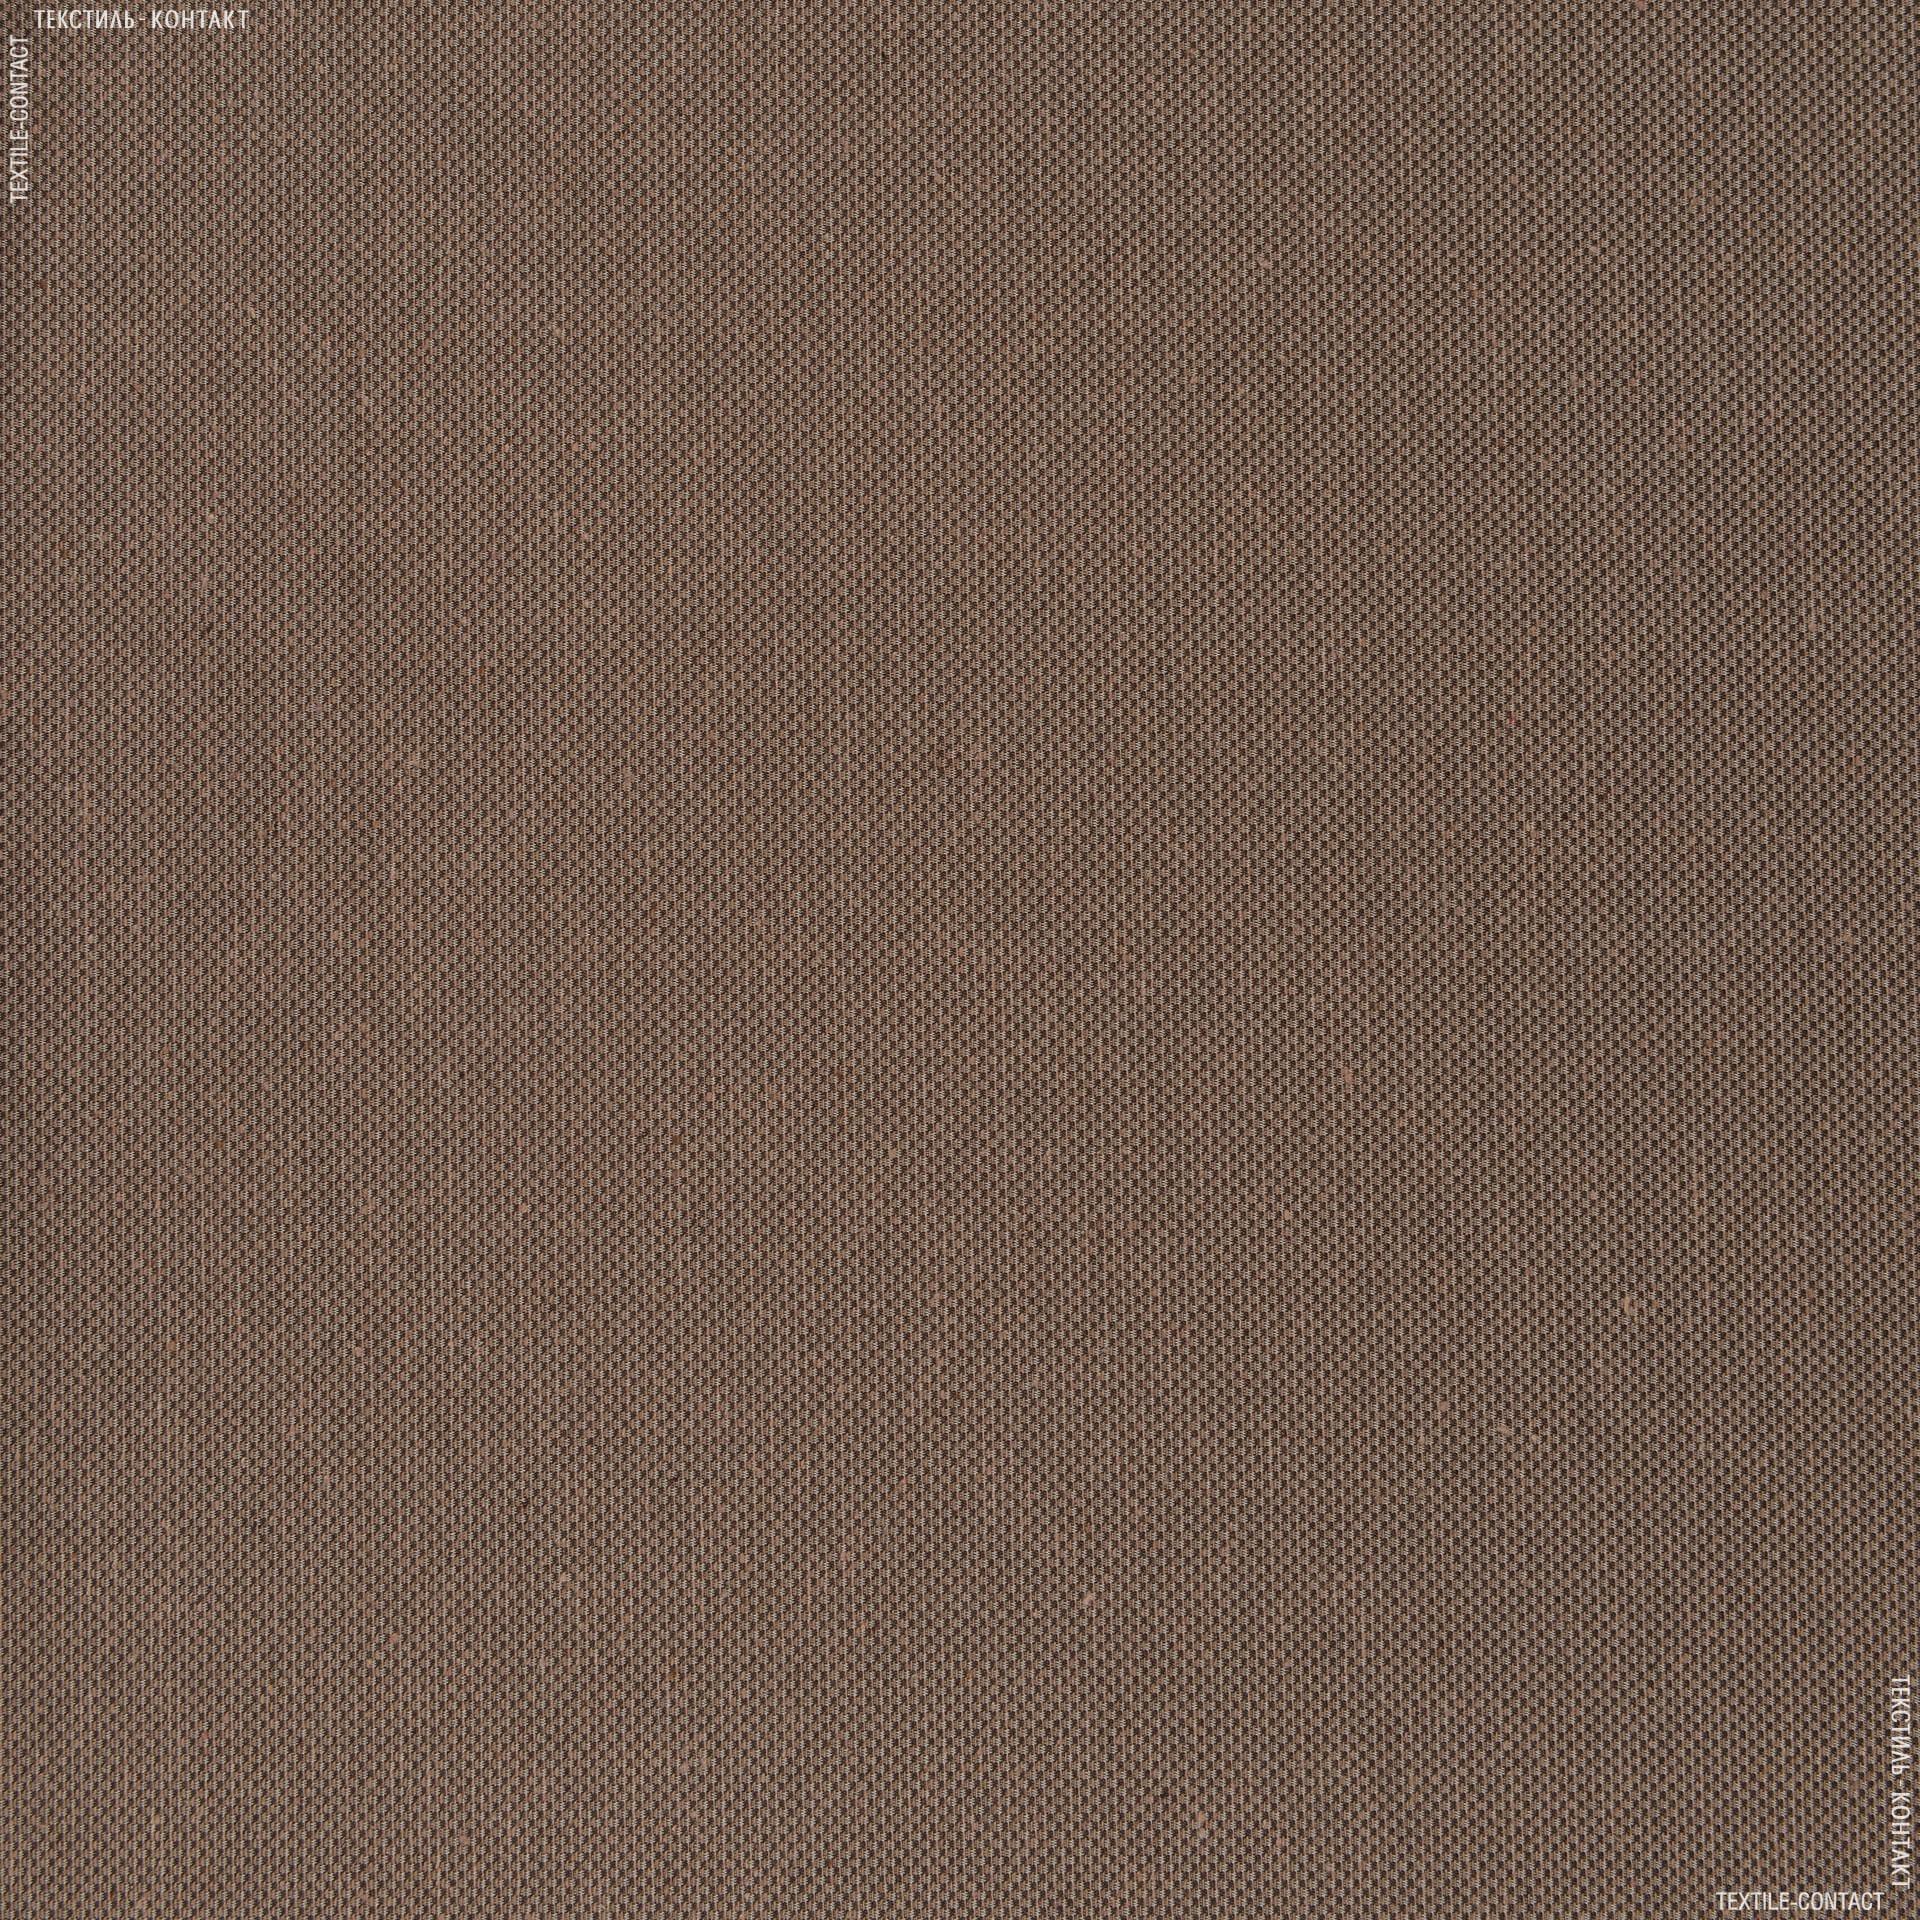 Тканини для сумок - Декор рогожка альбіно коричневий/мідь